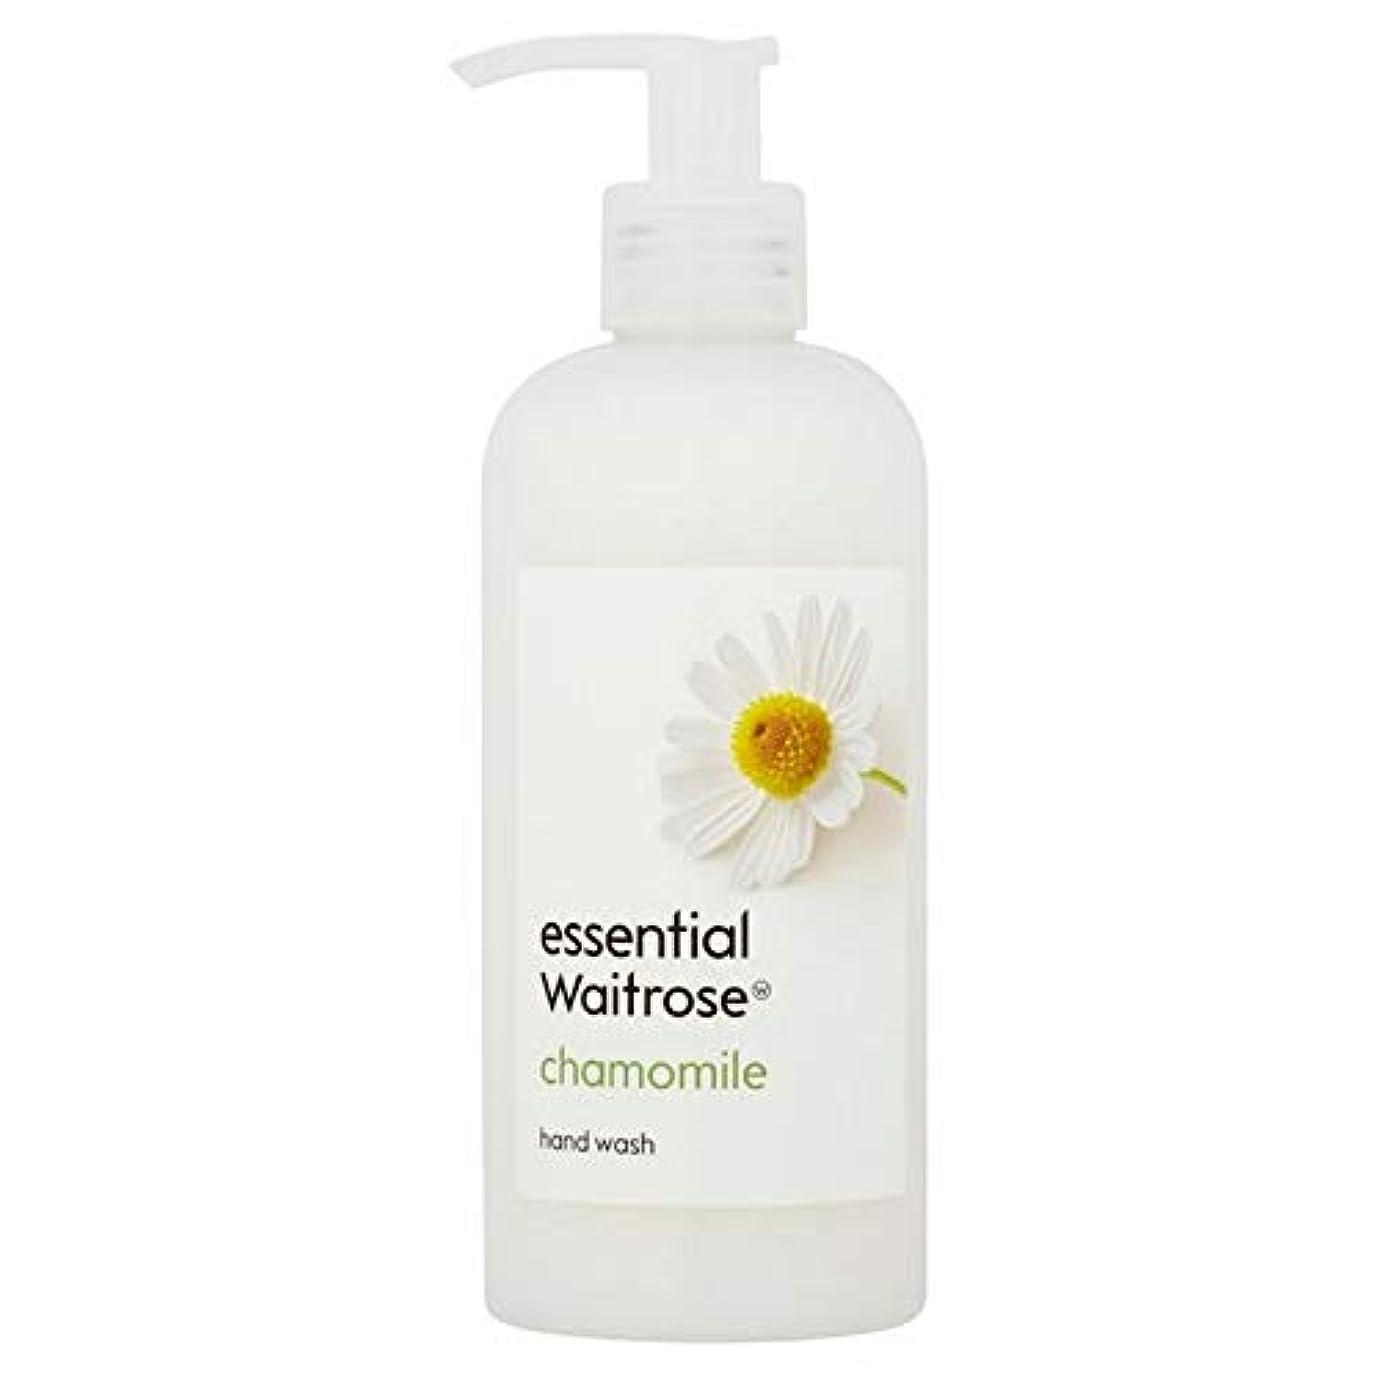 ウール血色の良い去る[Waitrose ] 基本的なウェイトローズのハンドウォッシュカモミール300ミリリットル - Essential Waitrose Hand Wash Chamomile 300ml [並行輸入品]